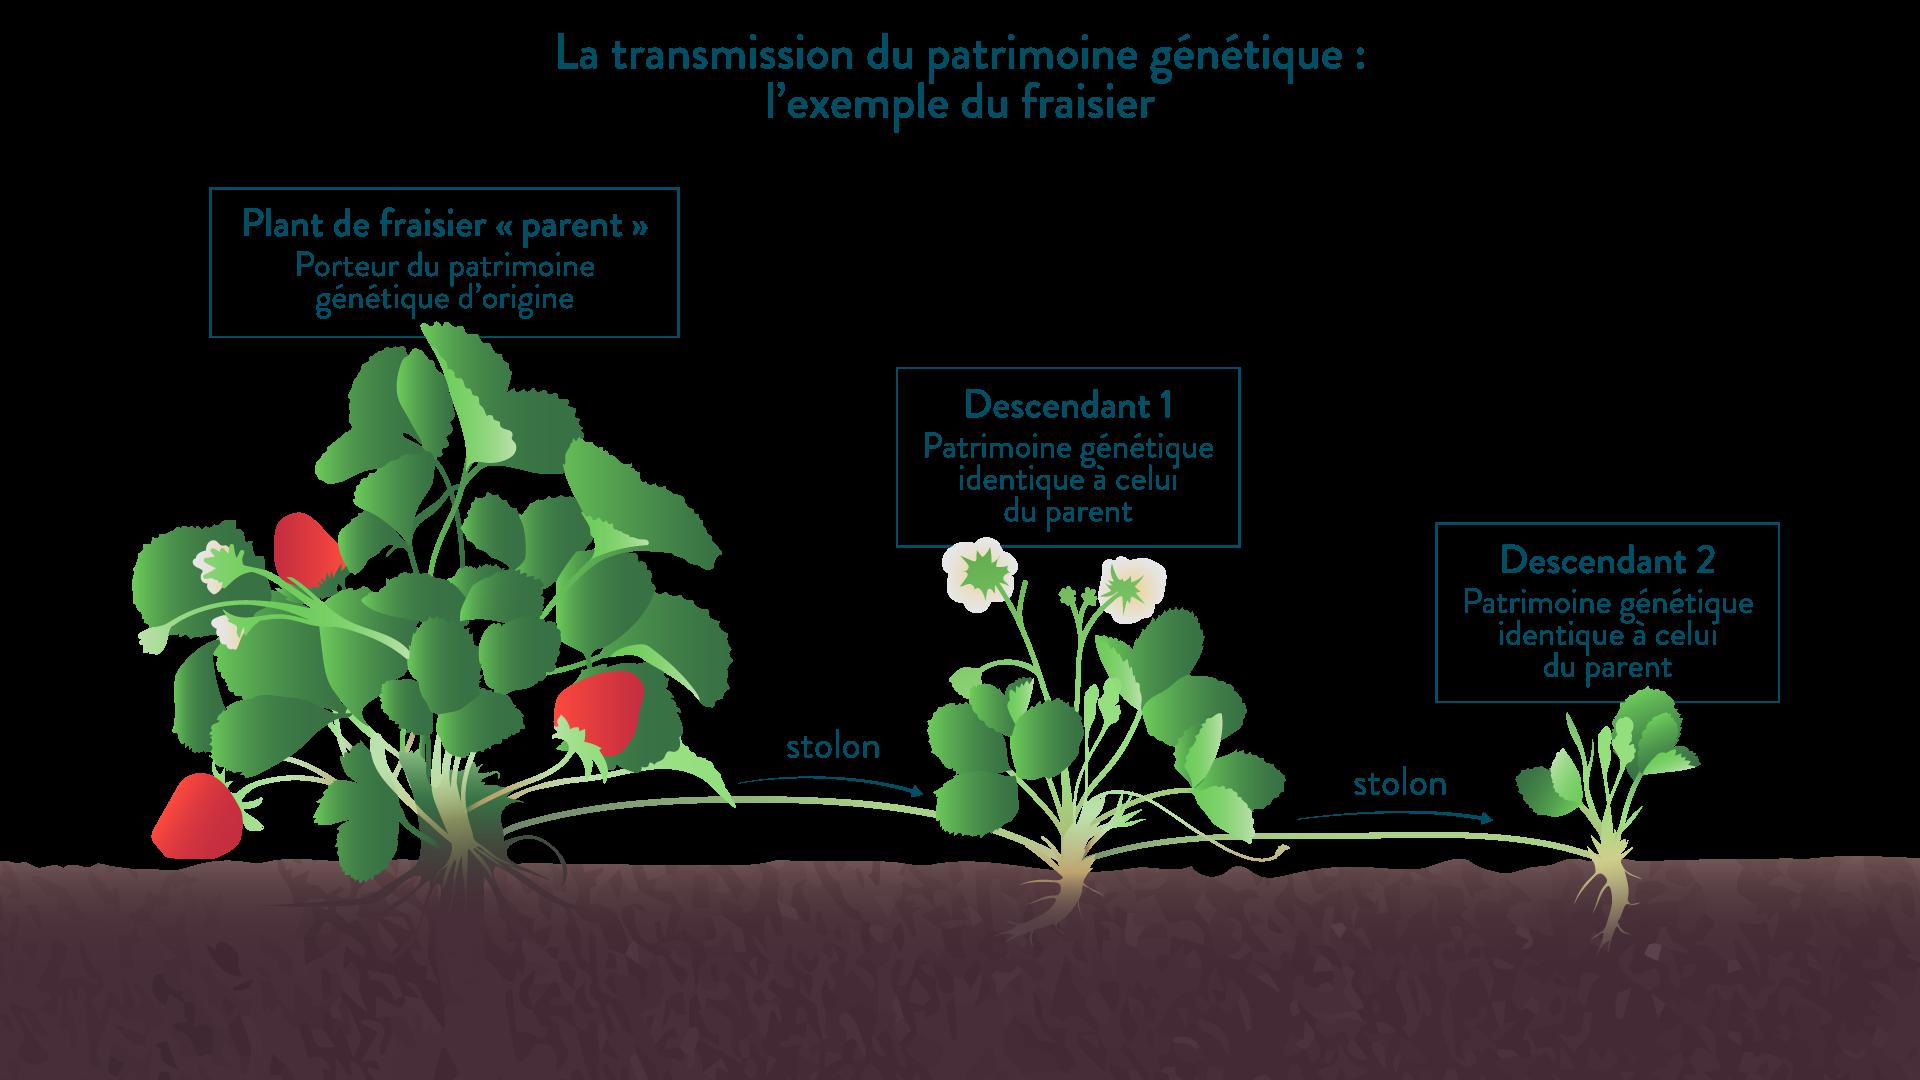 La transmission du patrimoine génétique chez le fraisier